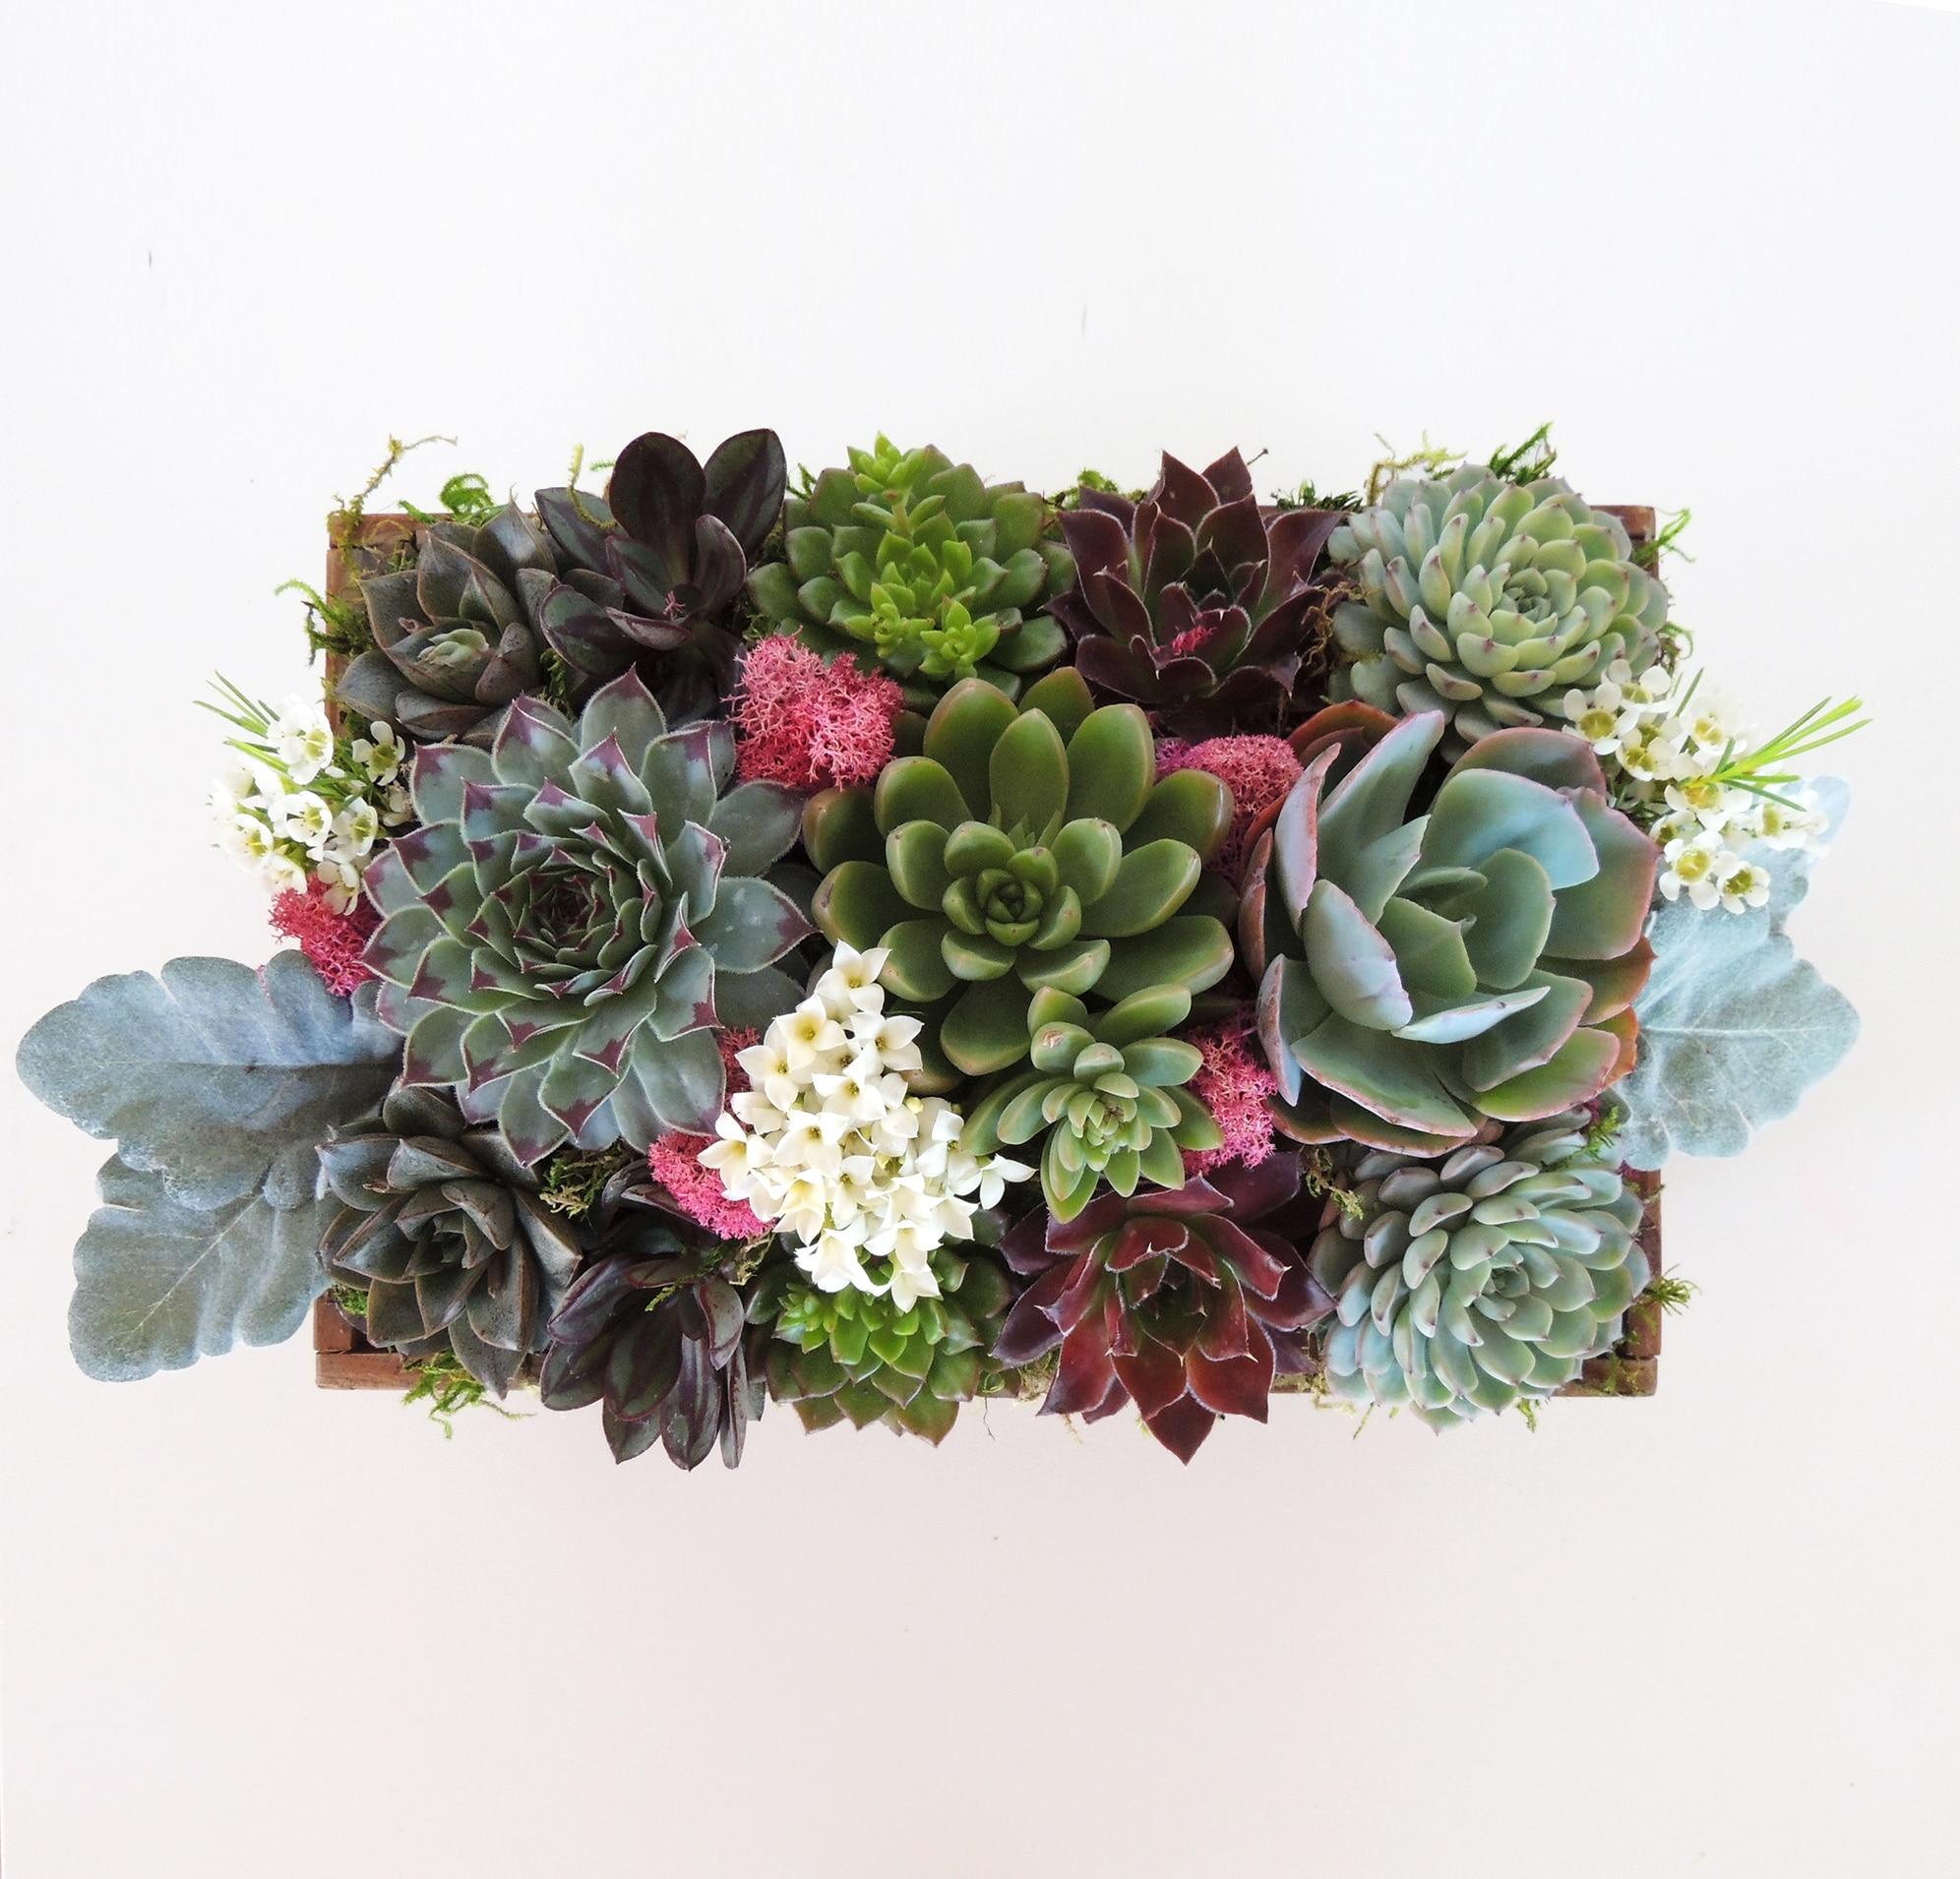 Colorful Large Succulent Arrangement With Sempervivum